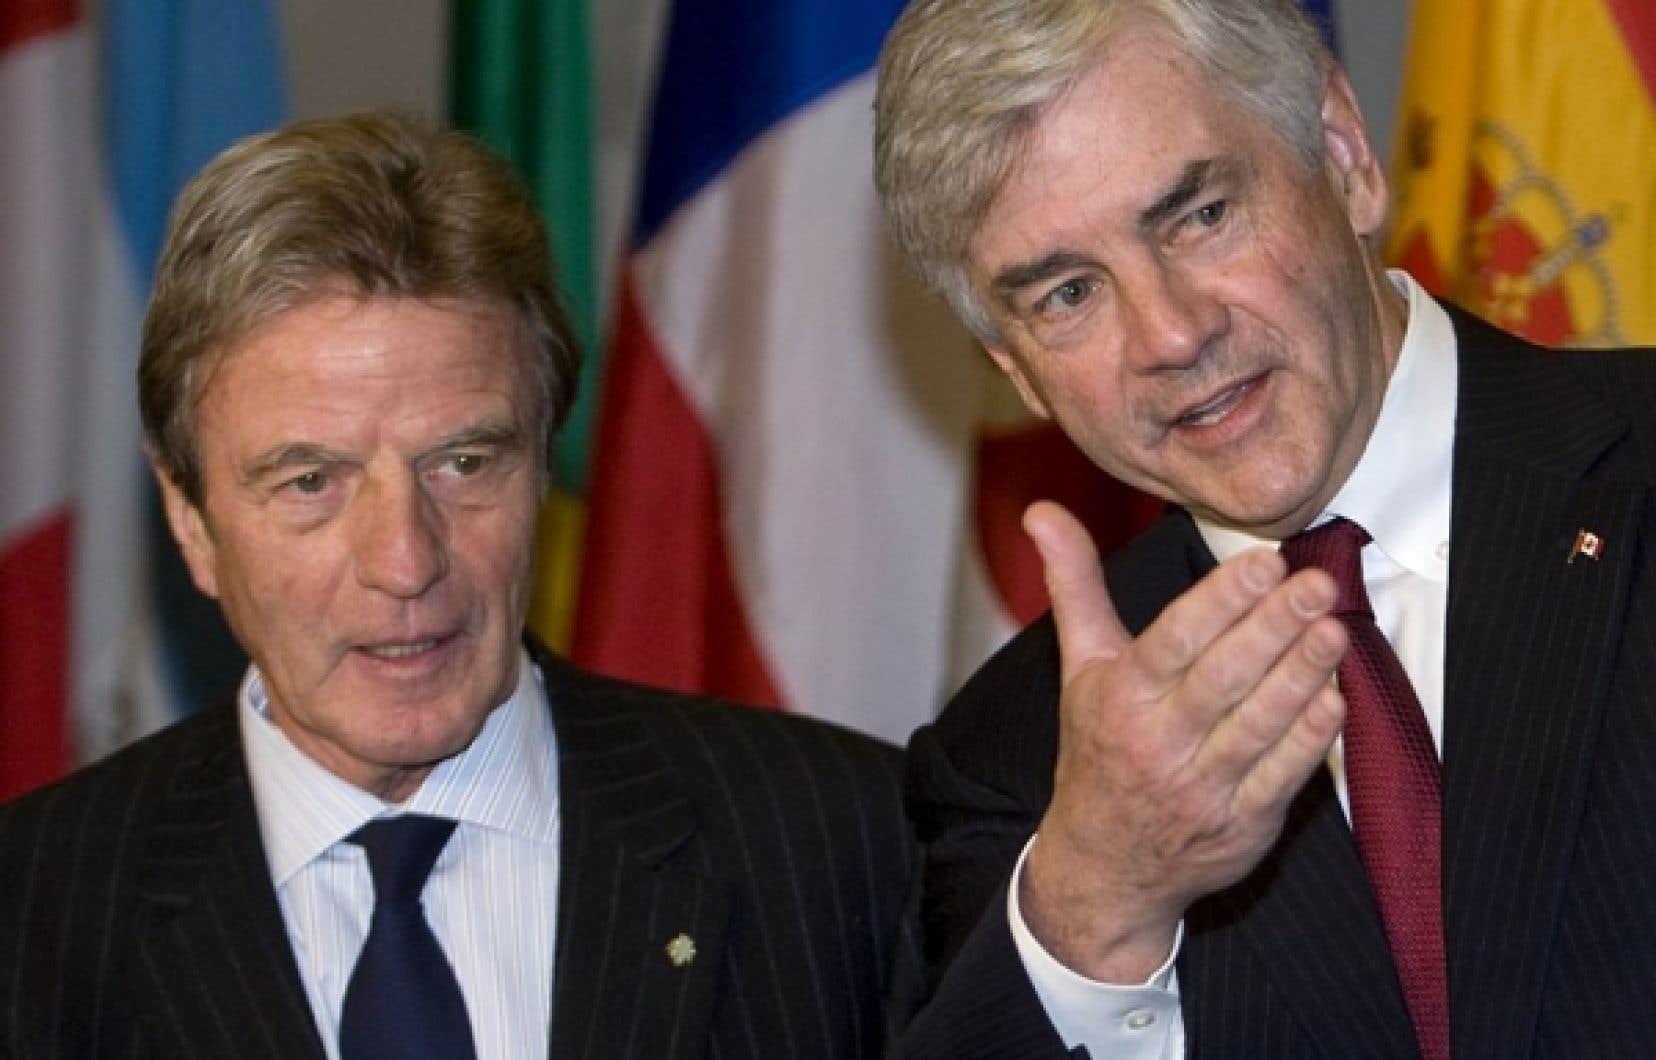 Le ministre français des Affaires étrangères Bernard Kouchner en compagnie du ministre canadien Lawrence Cannon.